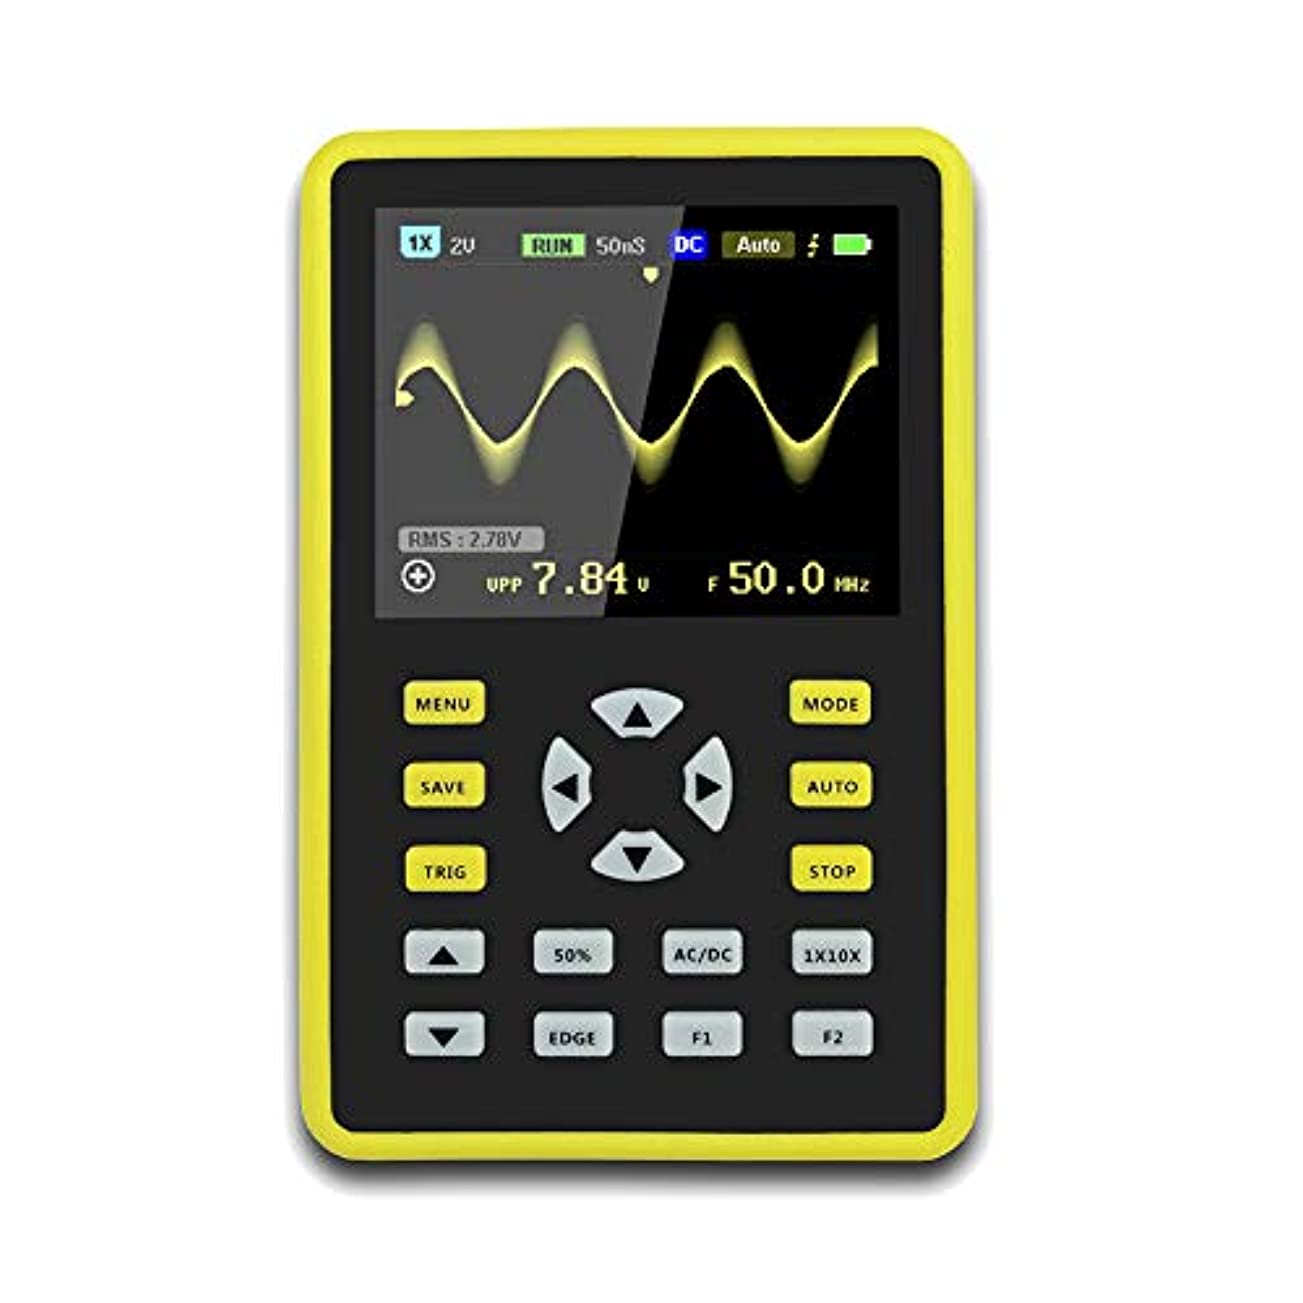 事前舗装するピアJanusSaja  手持ち型デジタル小型オシロスコープ2.4インチ500 MS/s IPS LCD表示スクリーンの携帯用